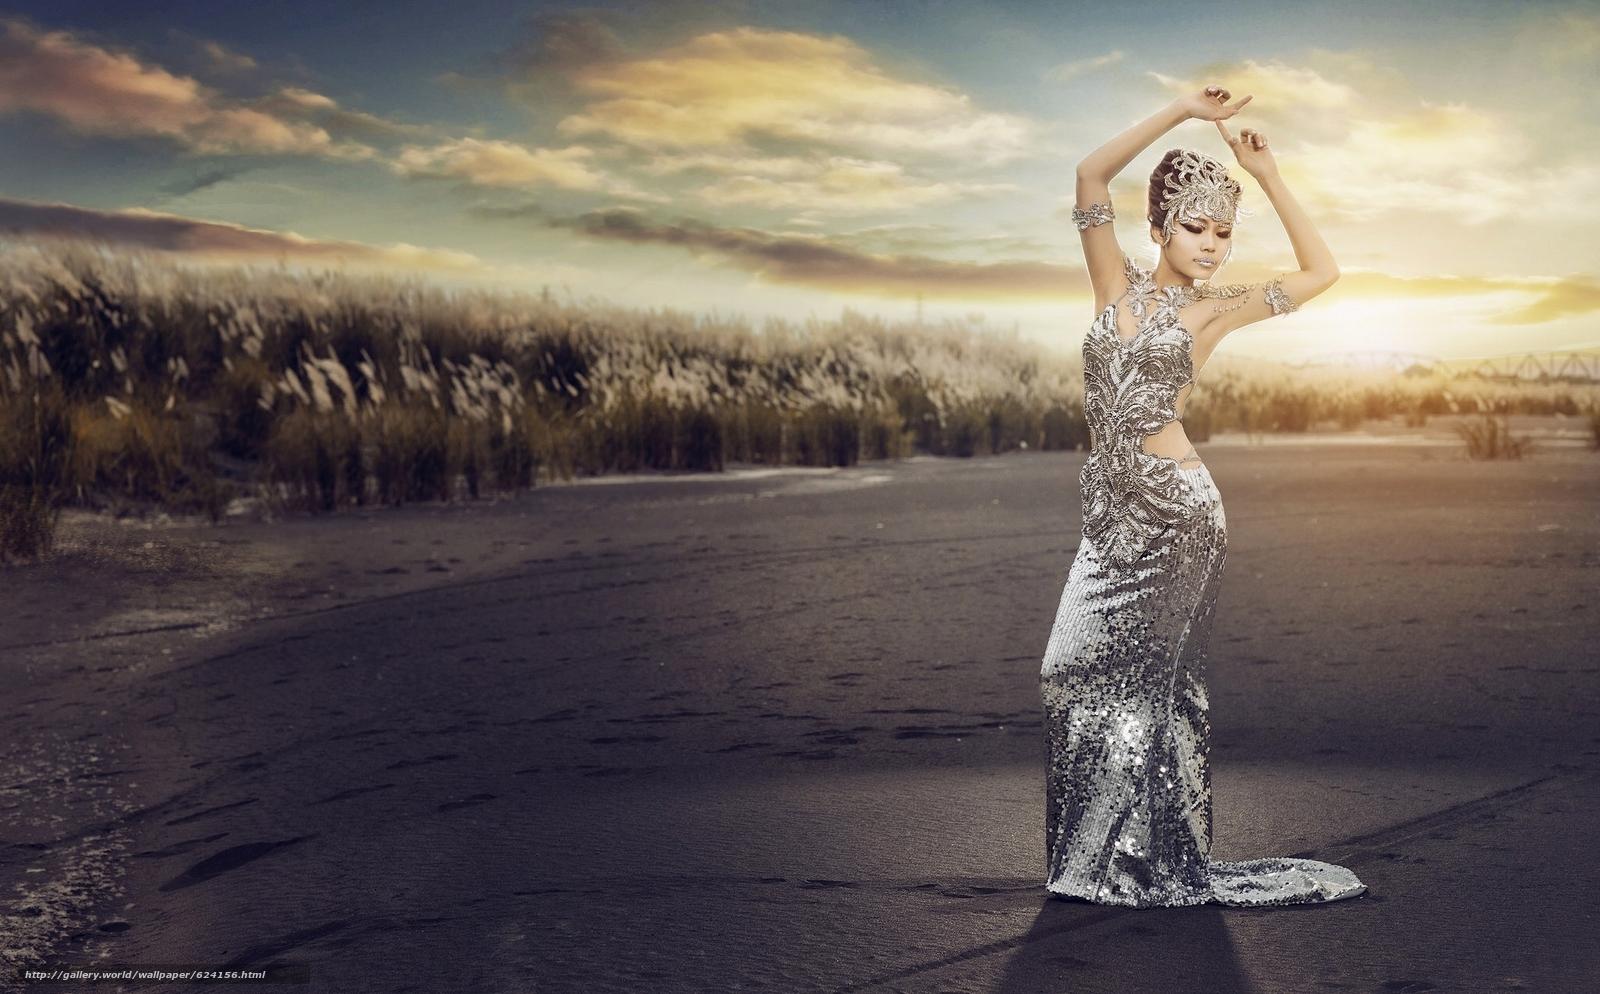 Скачать на телефон обои фото картинку на тему азиатка, фигура, поза, платье, наряд, закат, разширение 2048x1272